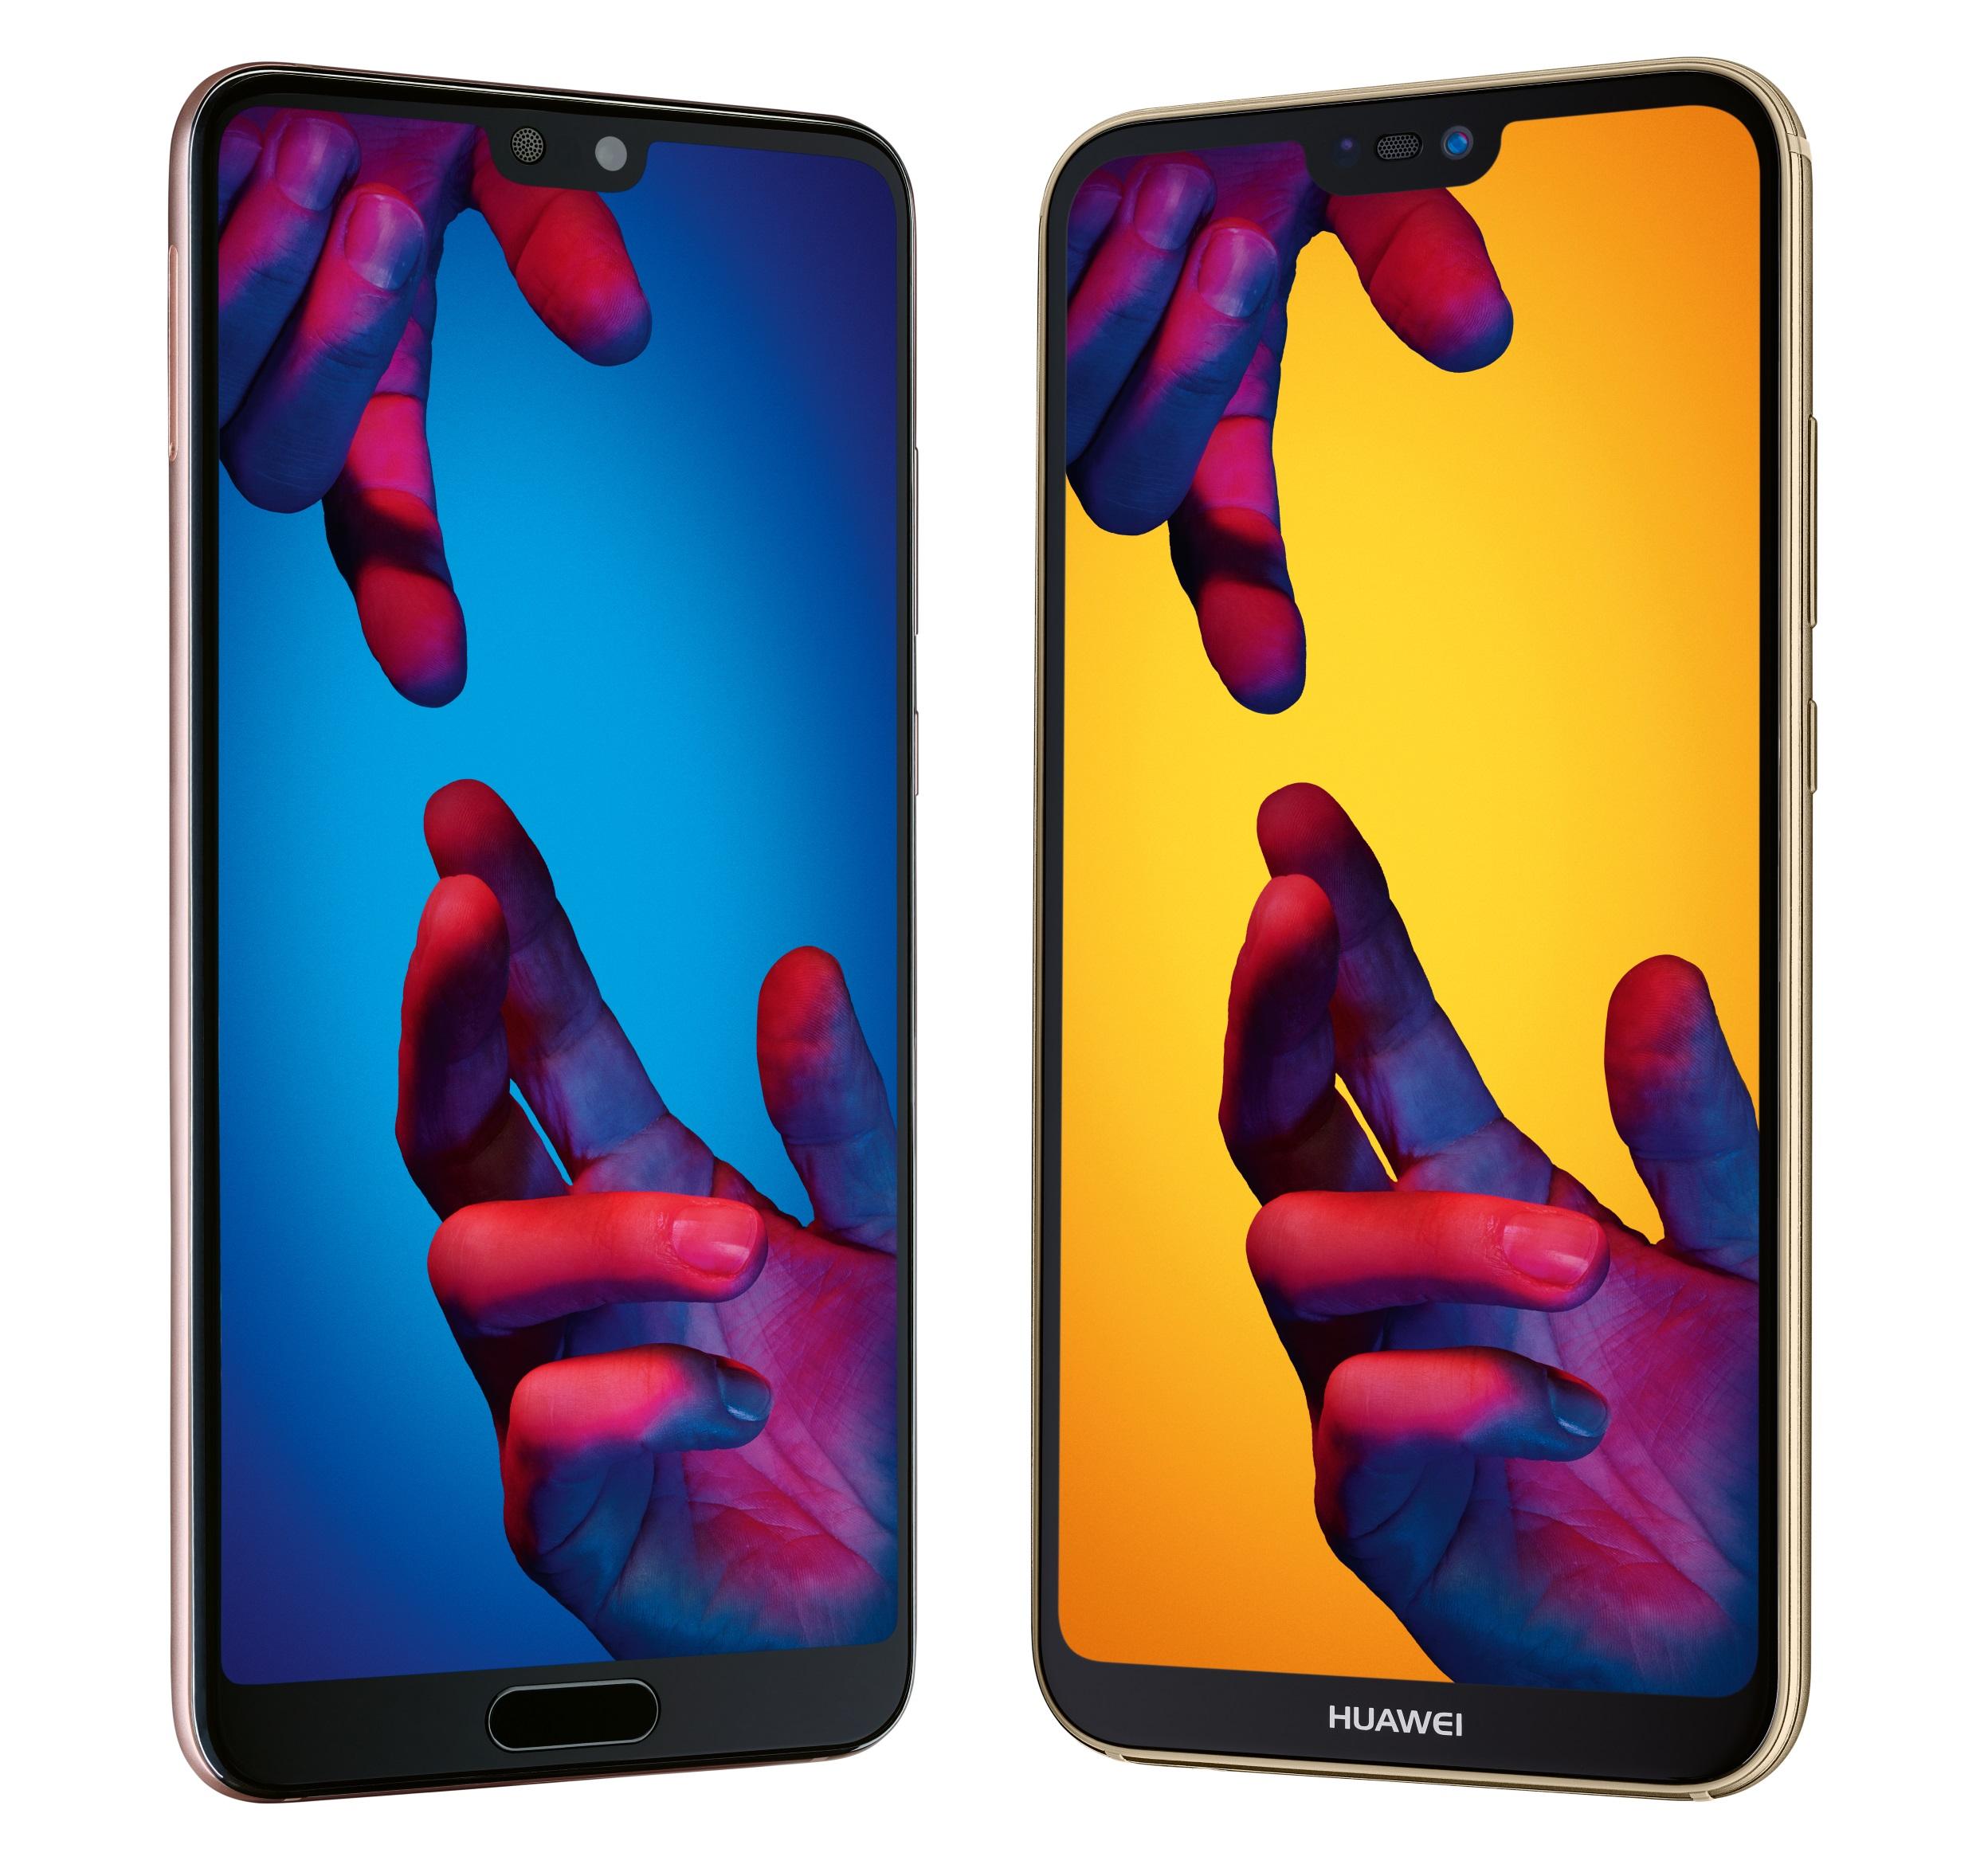 Huawei P20, P20 Pro und P20 lite im Smartphone Vergleich